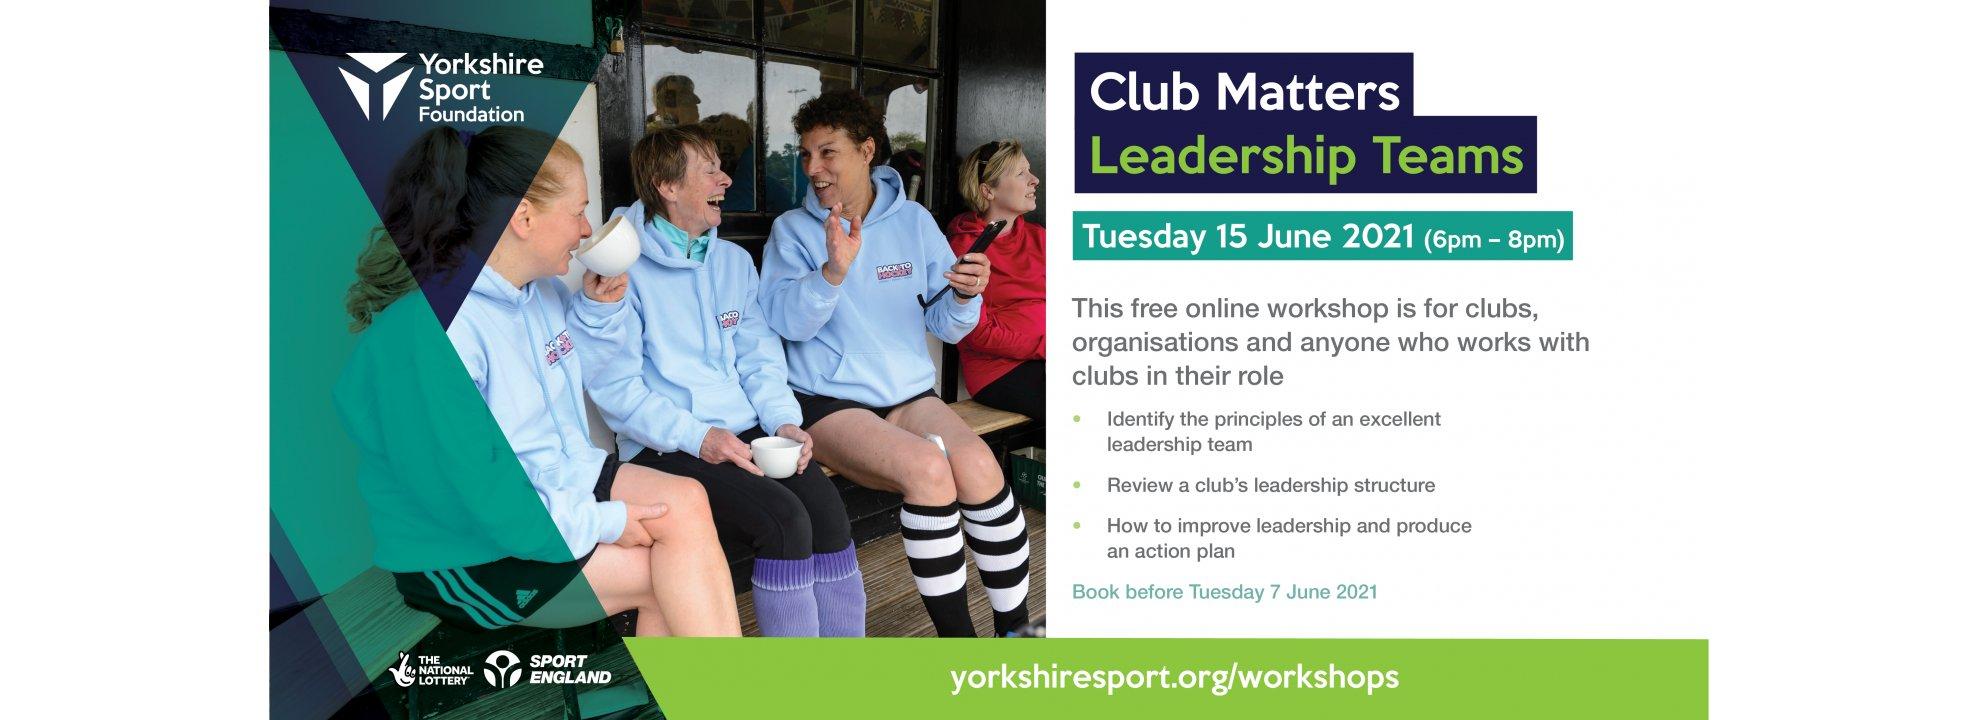 Club Matters - Leadership Teams Banner